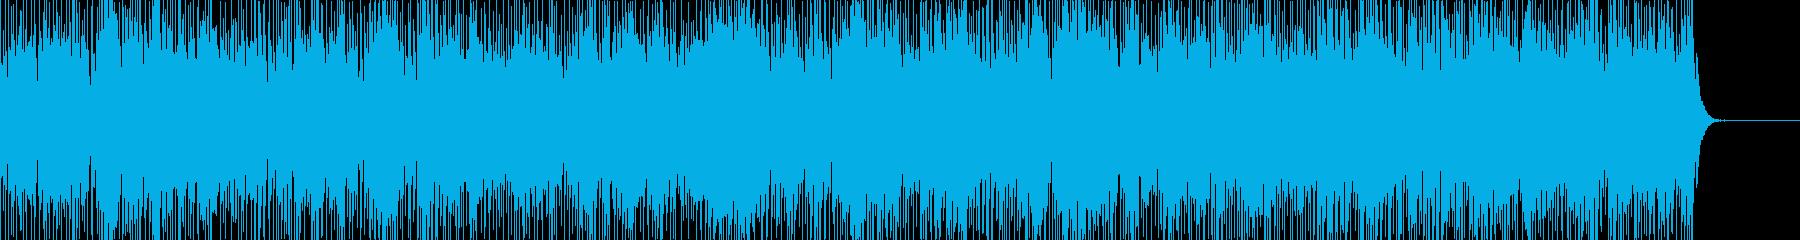 実用的なカリンバの無機質BGM2の再生済みの波形